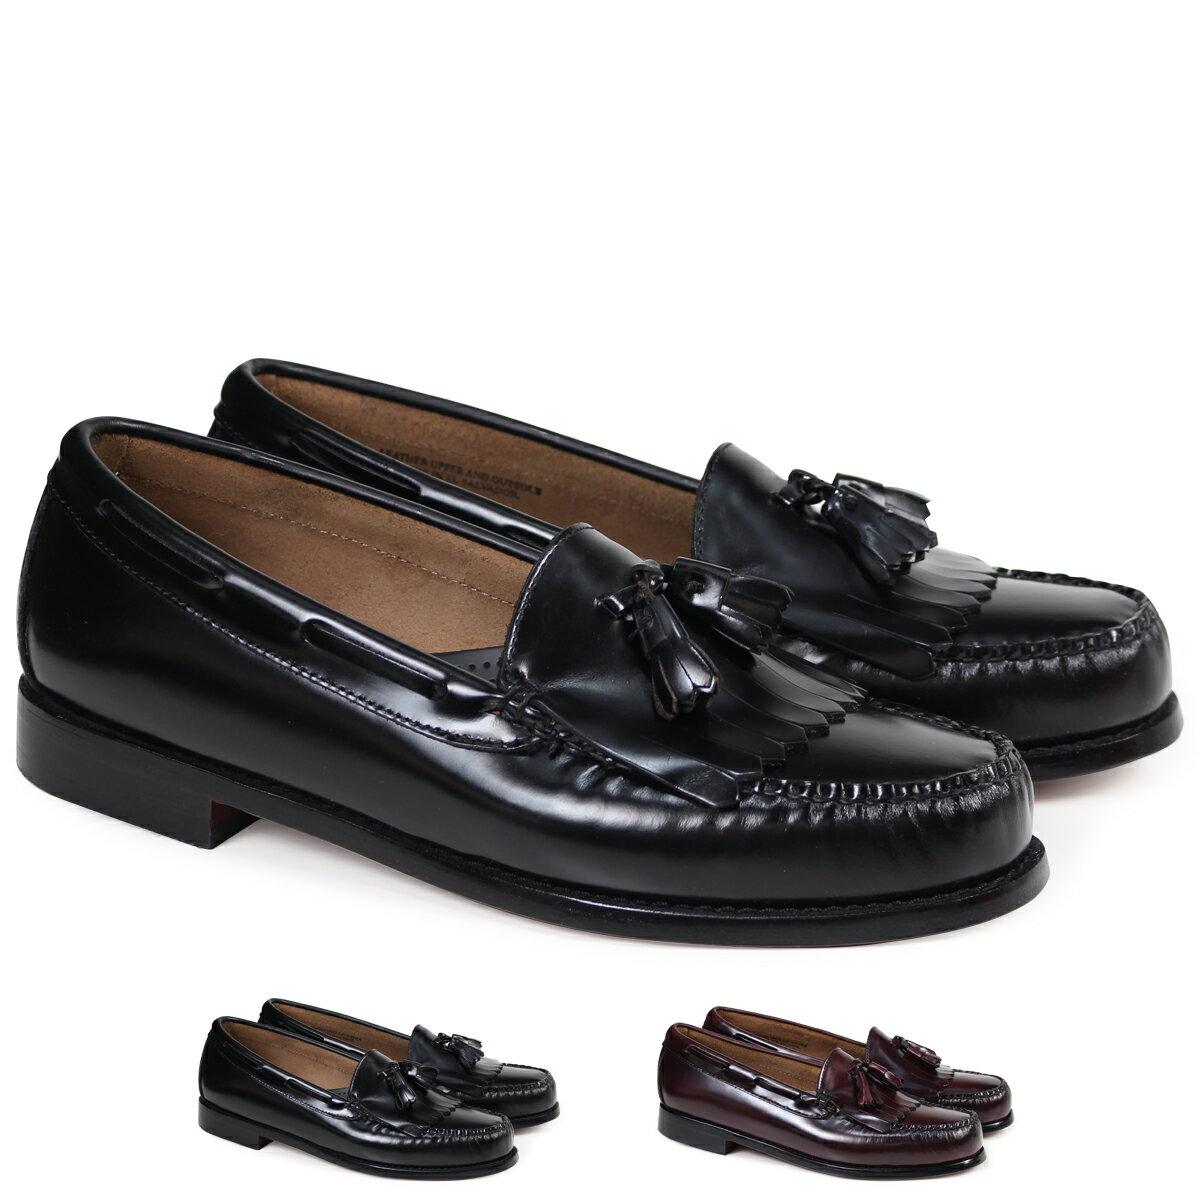 G.H. BASS LAYTON TASSEL LOAFER ローファー ジーエイチバス メンズ 70-10934 70-10939 靴 2カラー [6/6 追加入荷] [186]